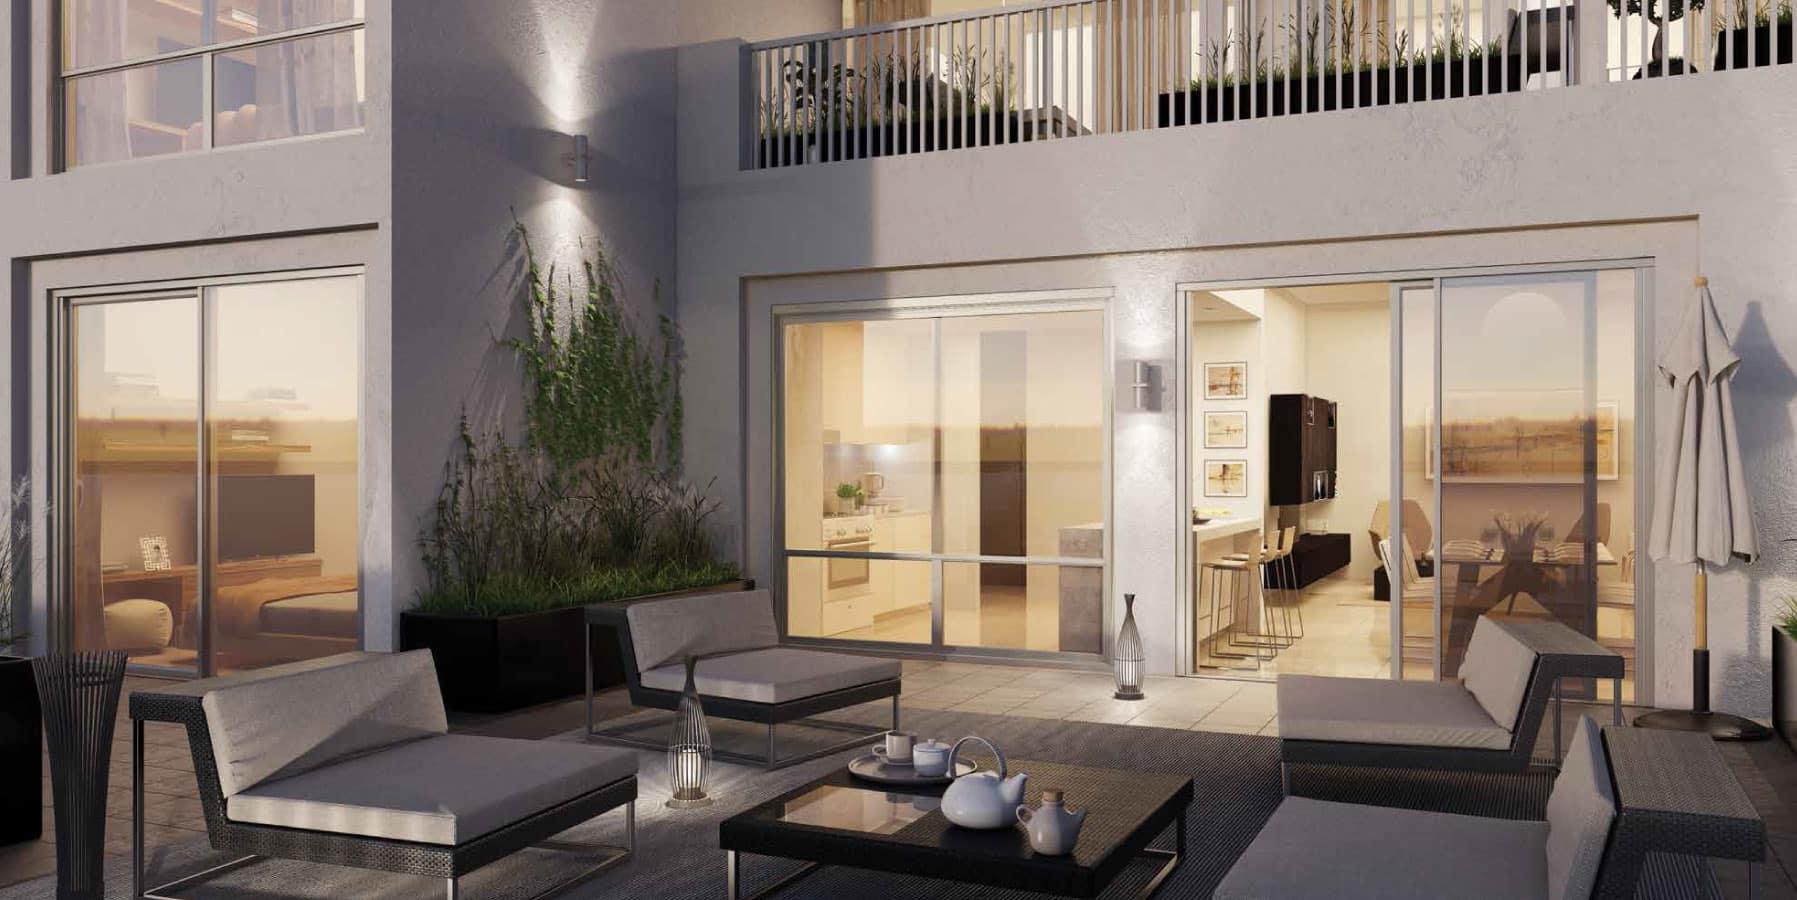 Hayat Boulevard apartments by Nshama